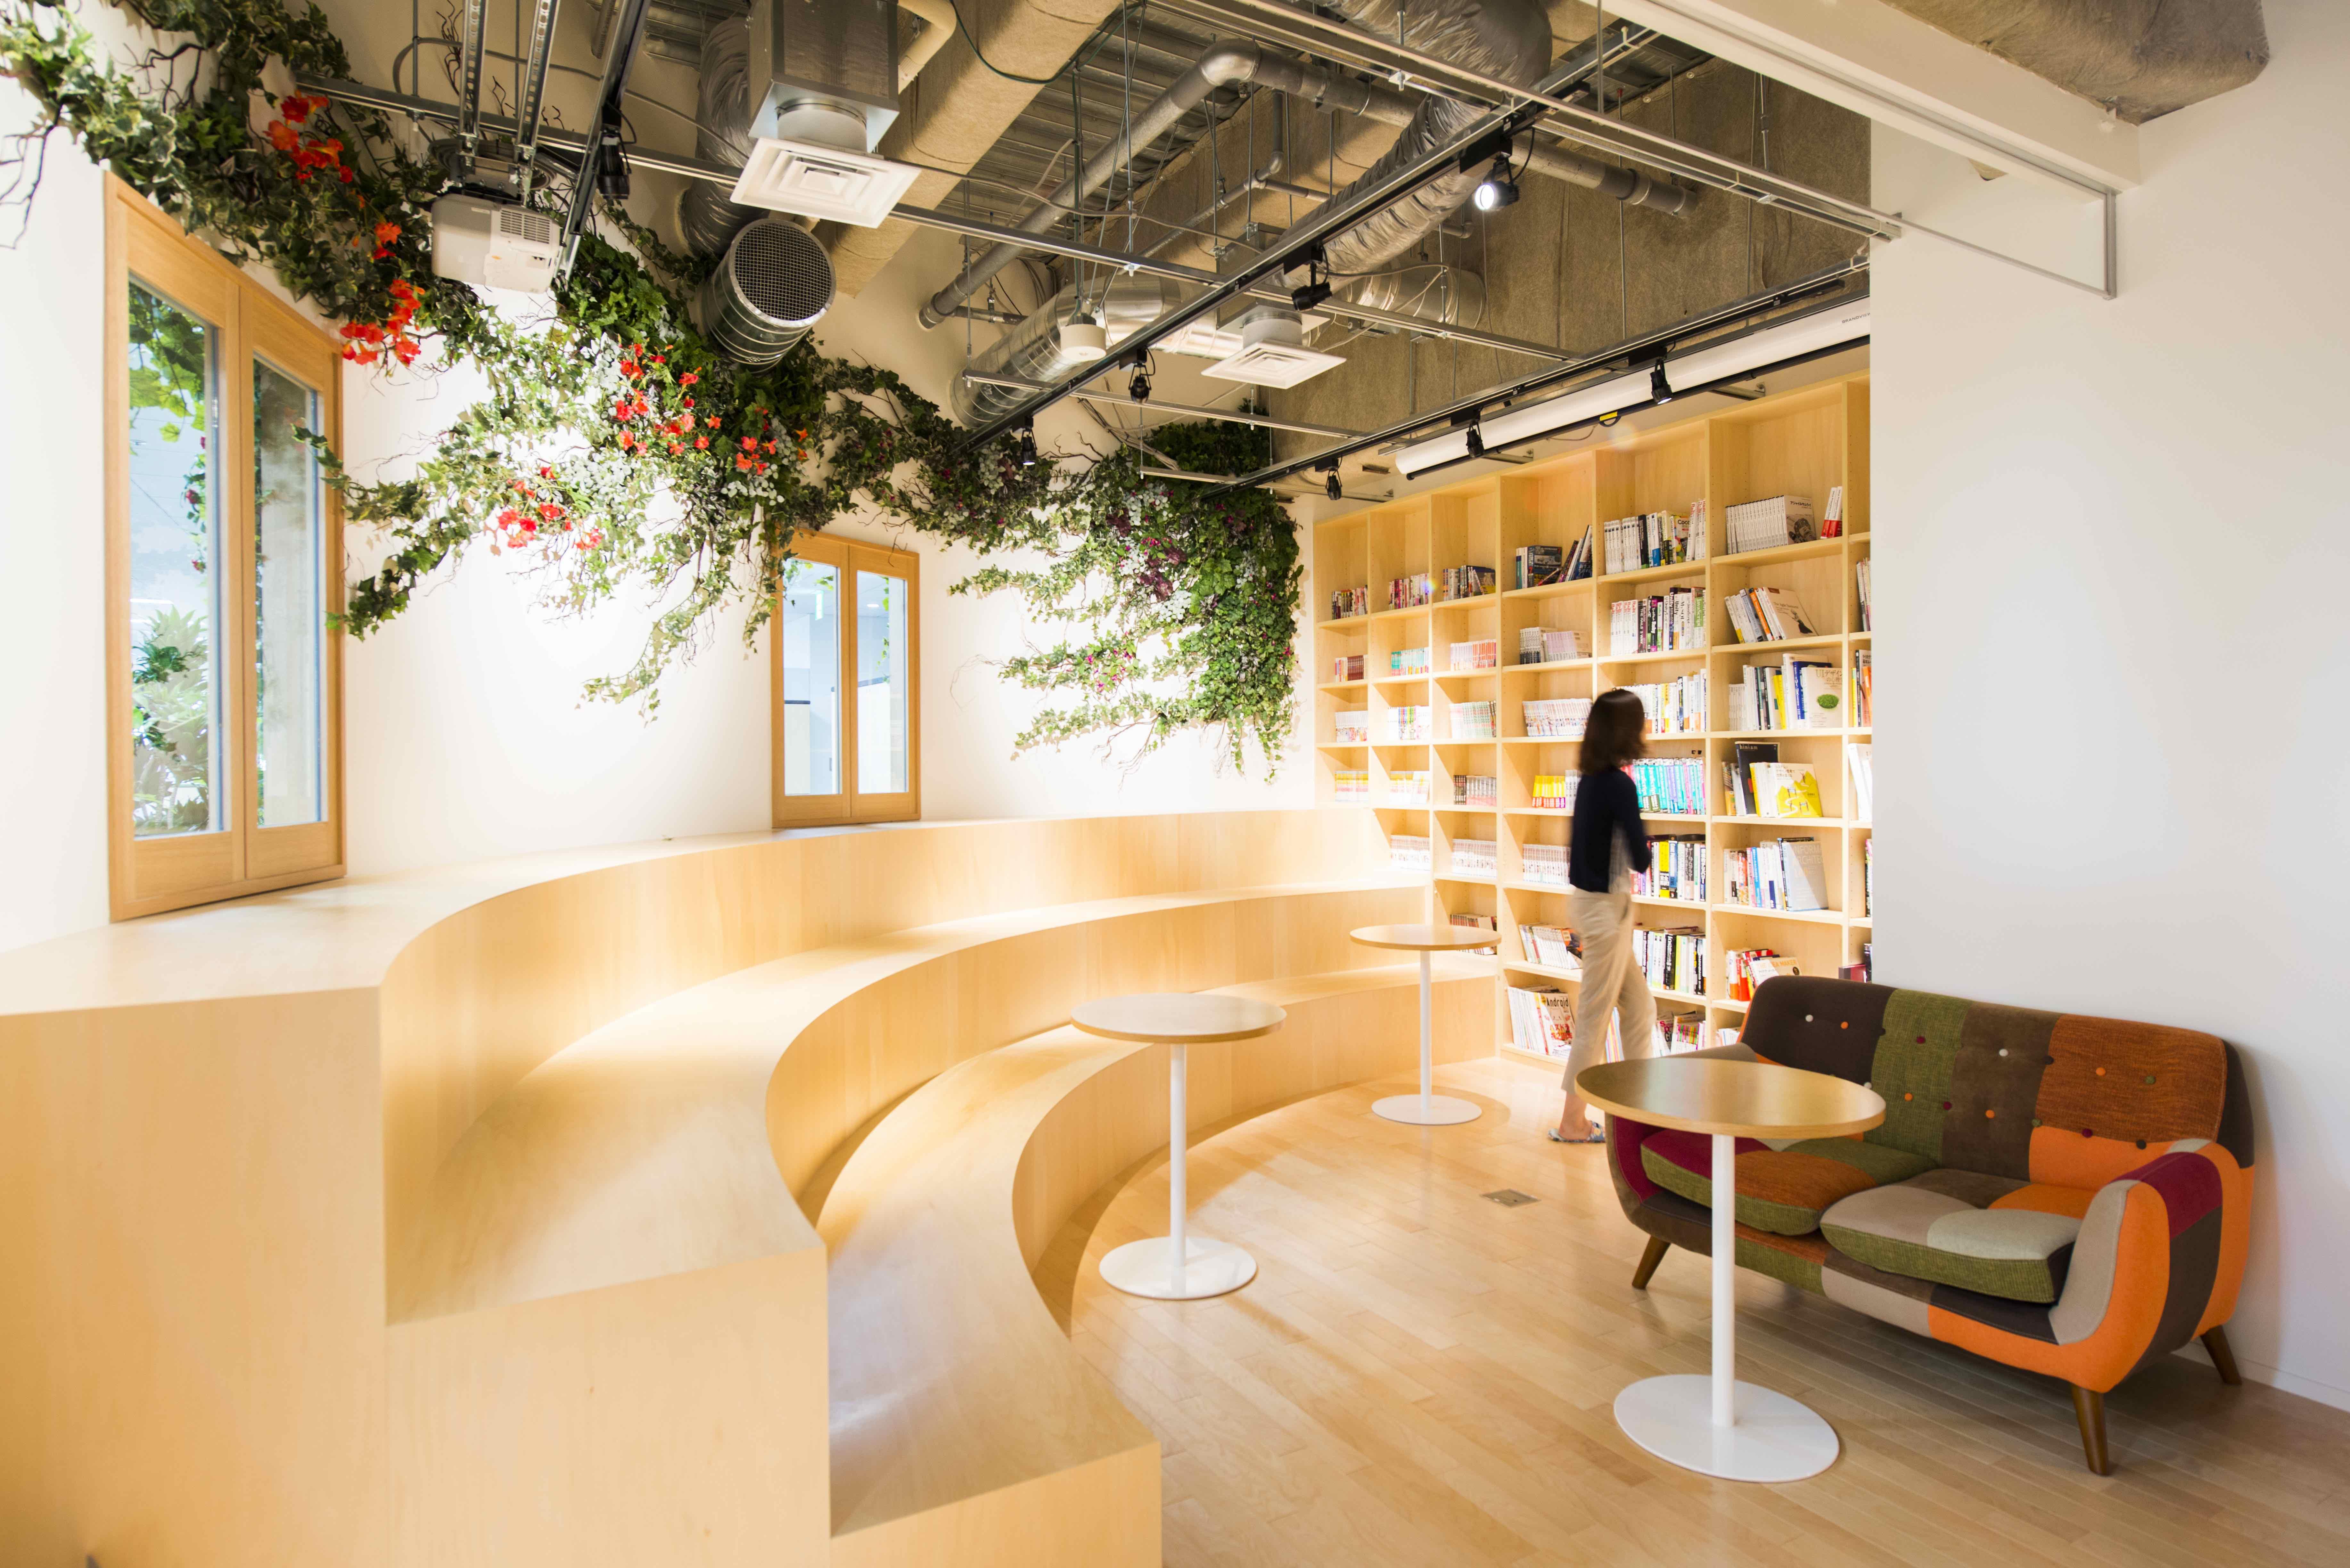 フラットな社内文化の他にも、推薦図書が揃っている図書スペース「LIBRALY」など、社員が活躍できる環境が整っていました。